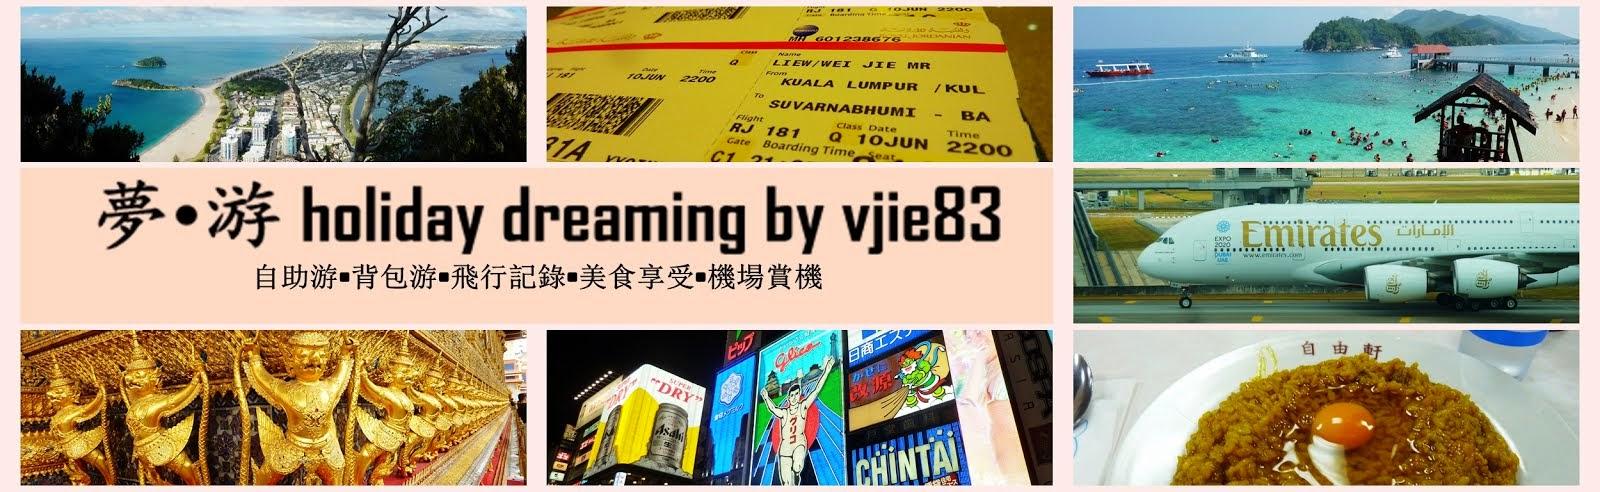 夢/游 holiday dreaming by vjie83